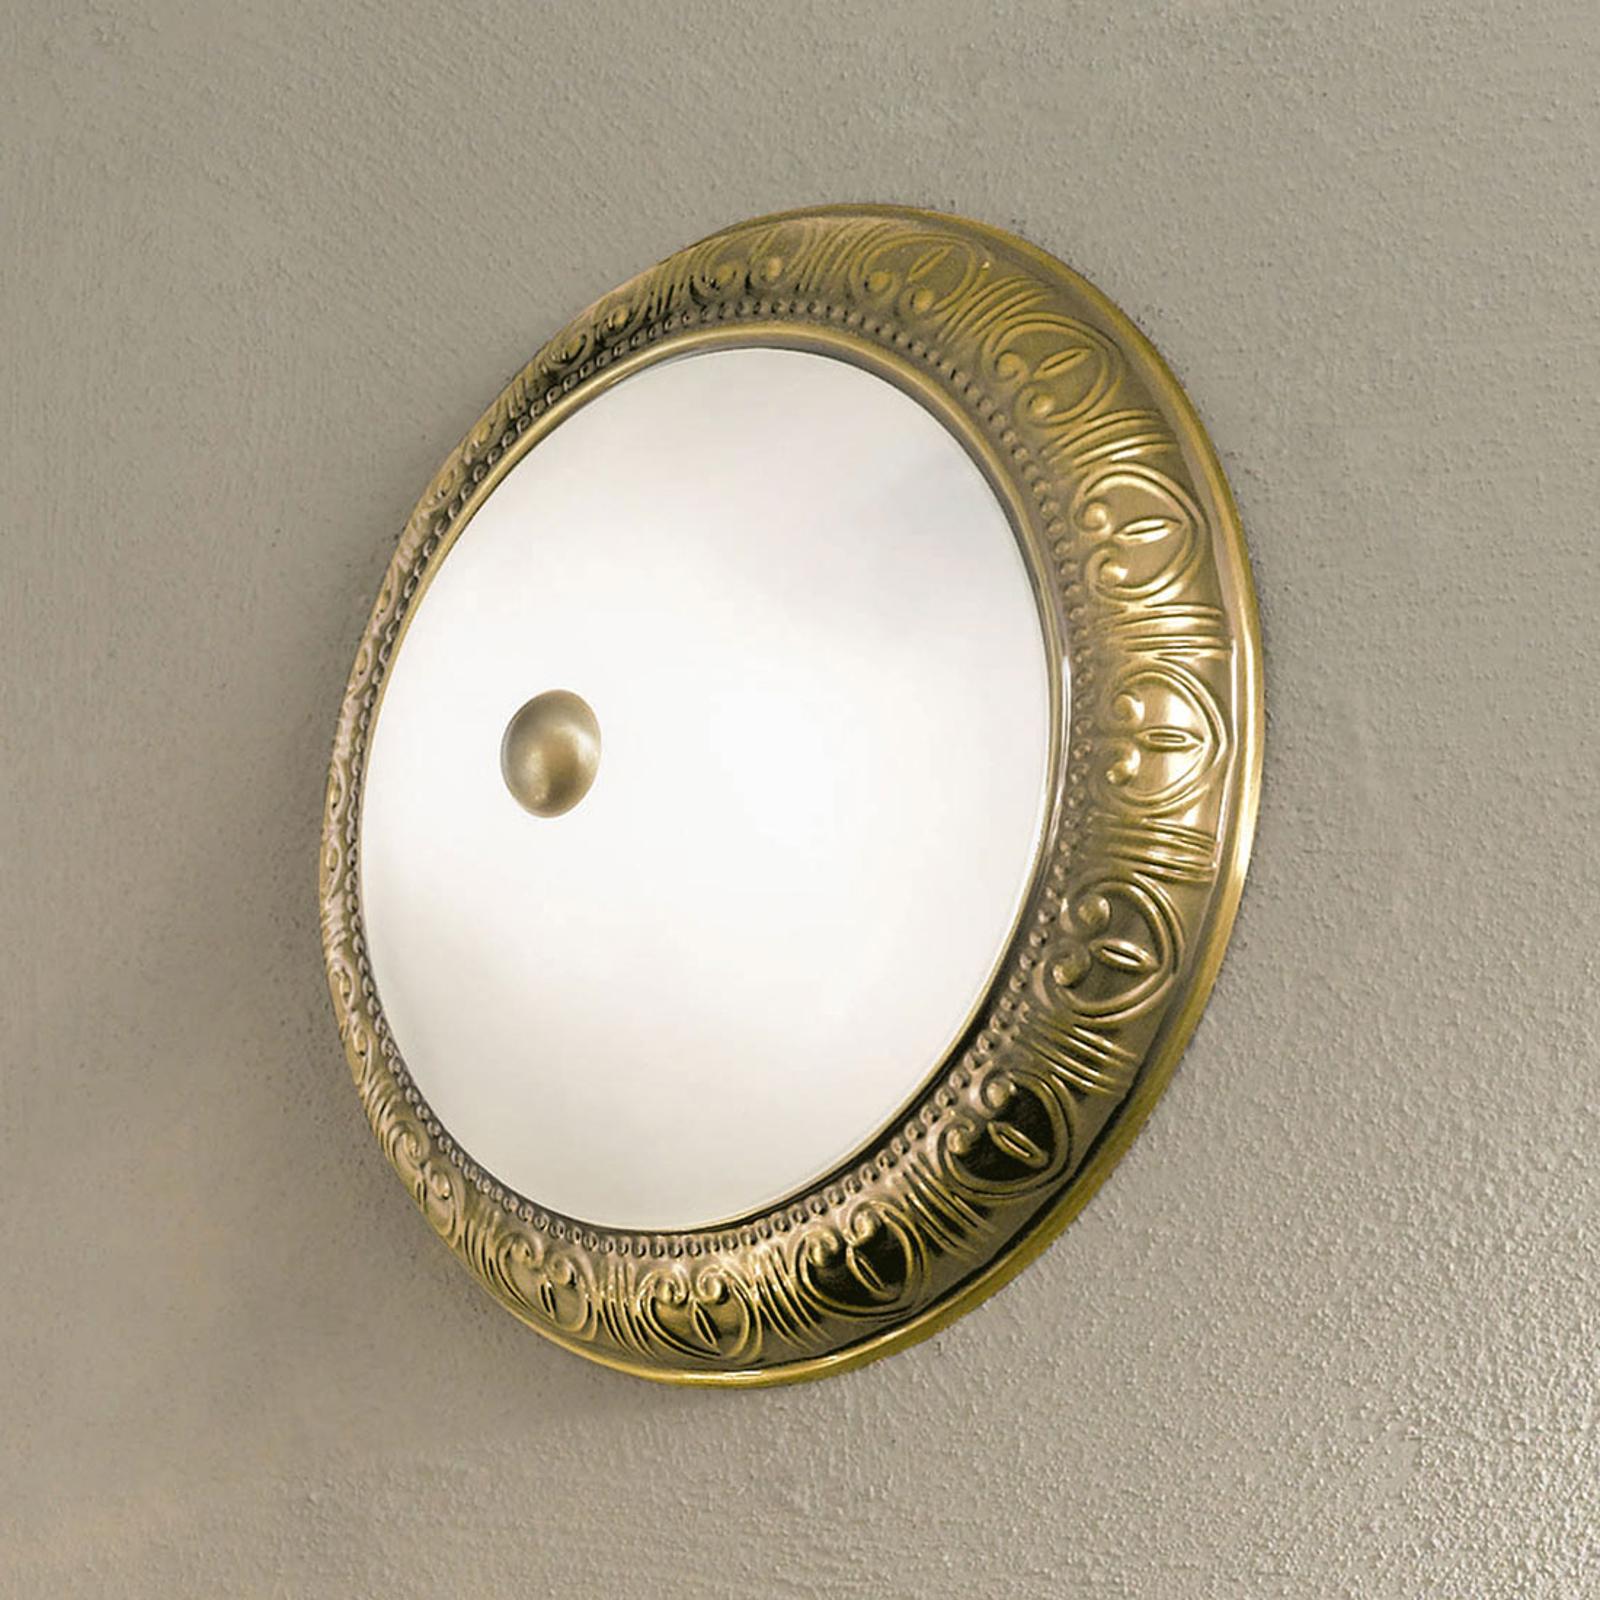 Lampa sufitowa LEMBIT, 28 cm